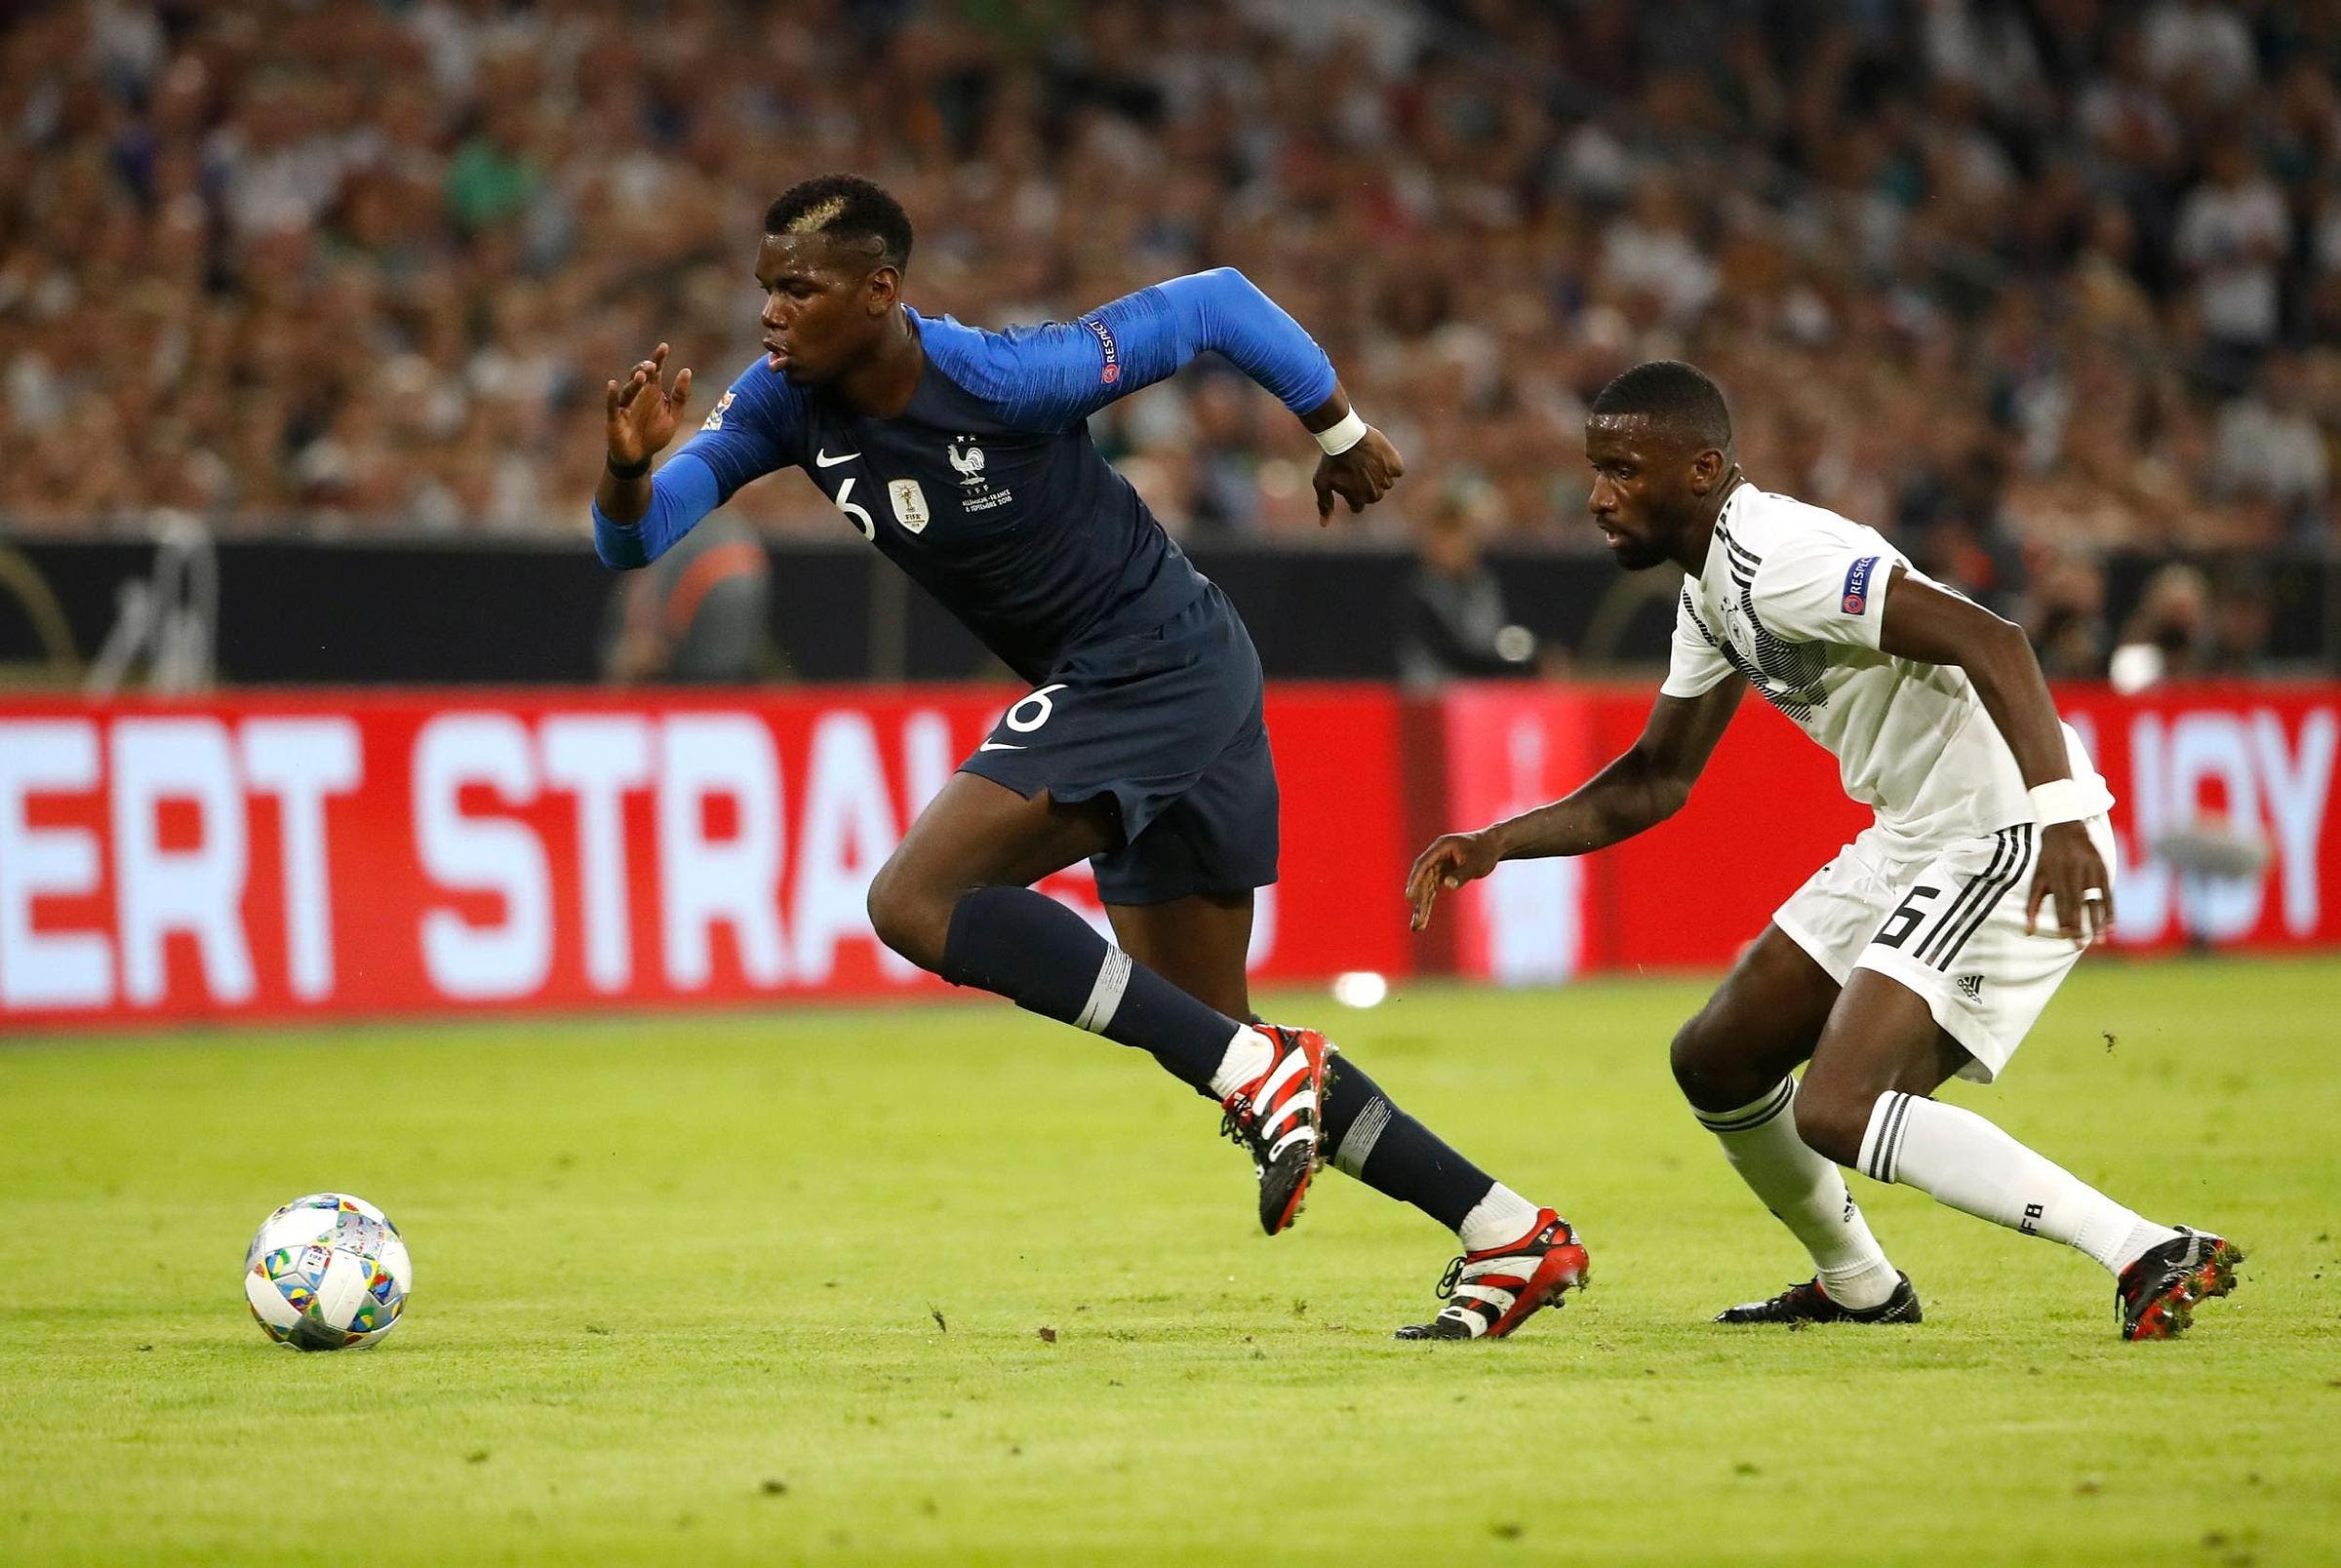 Pháp từng thắng Đức 2-1 ở lần chạm trán gần nhất, tại Nations League hôm 16/10/2018. Ảnh: AFP